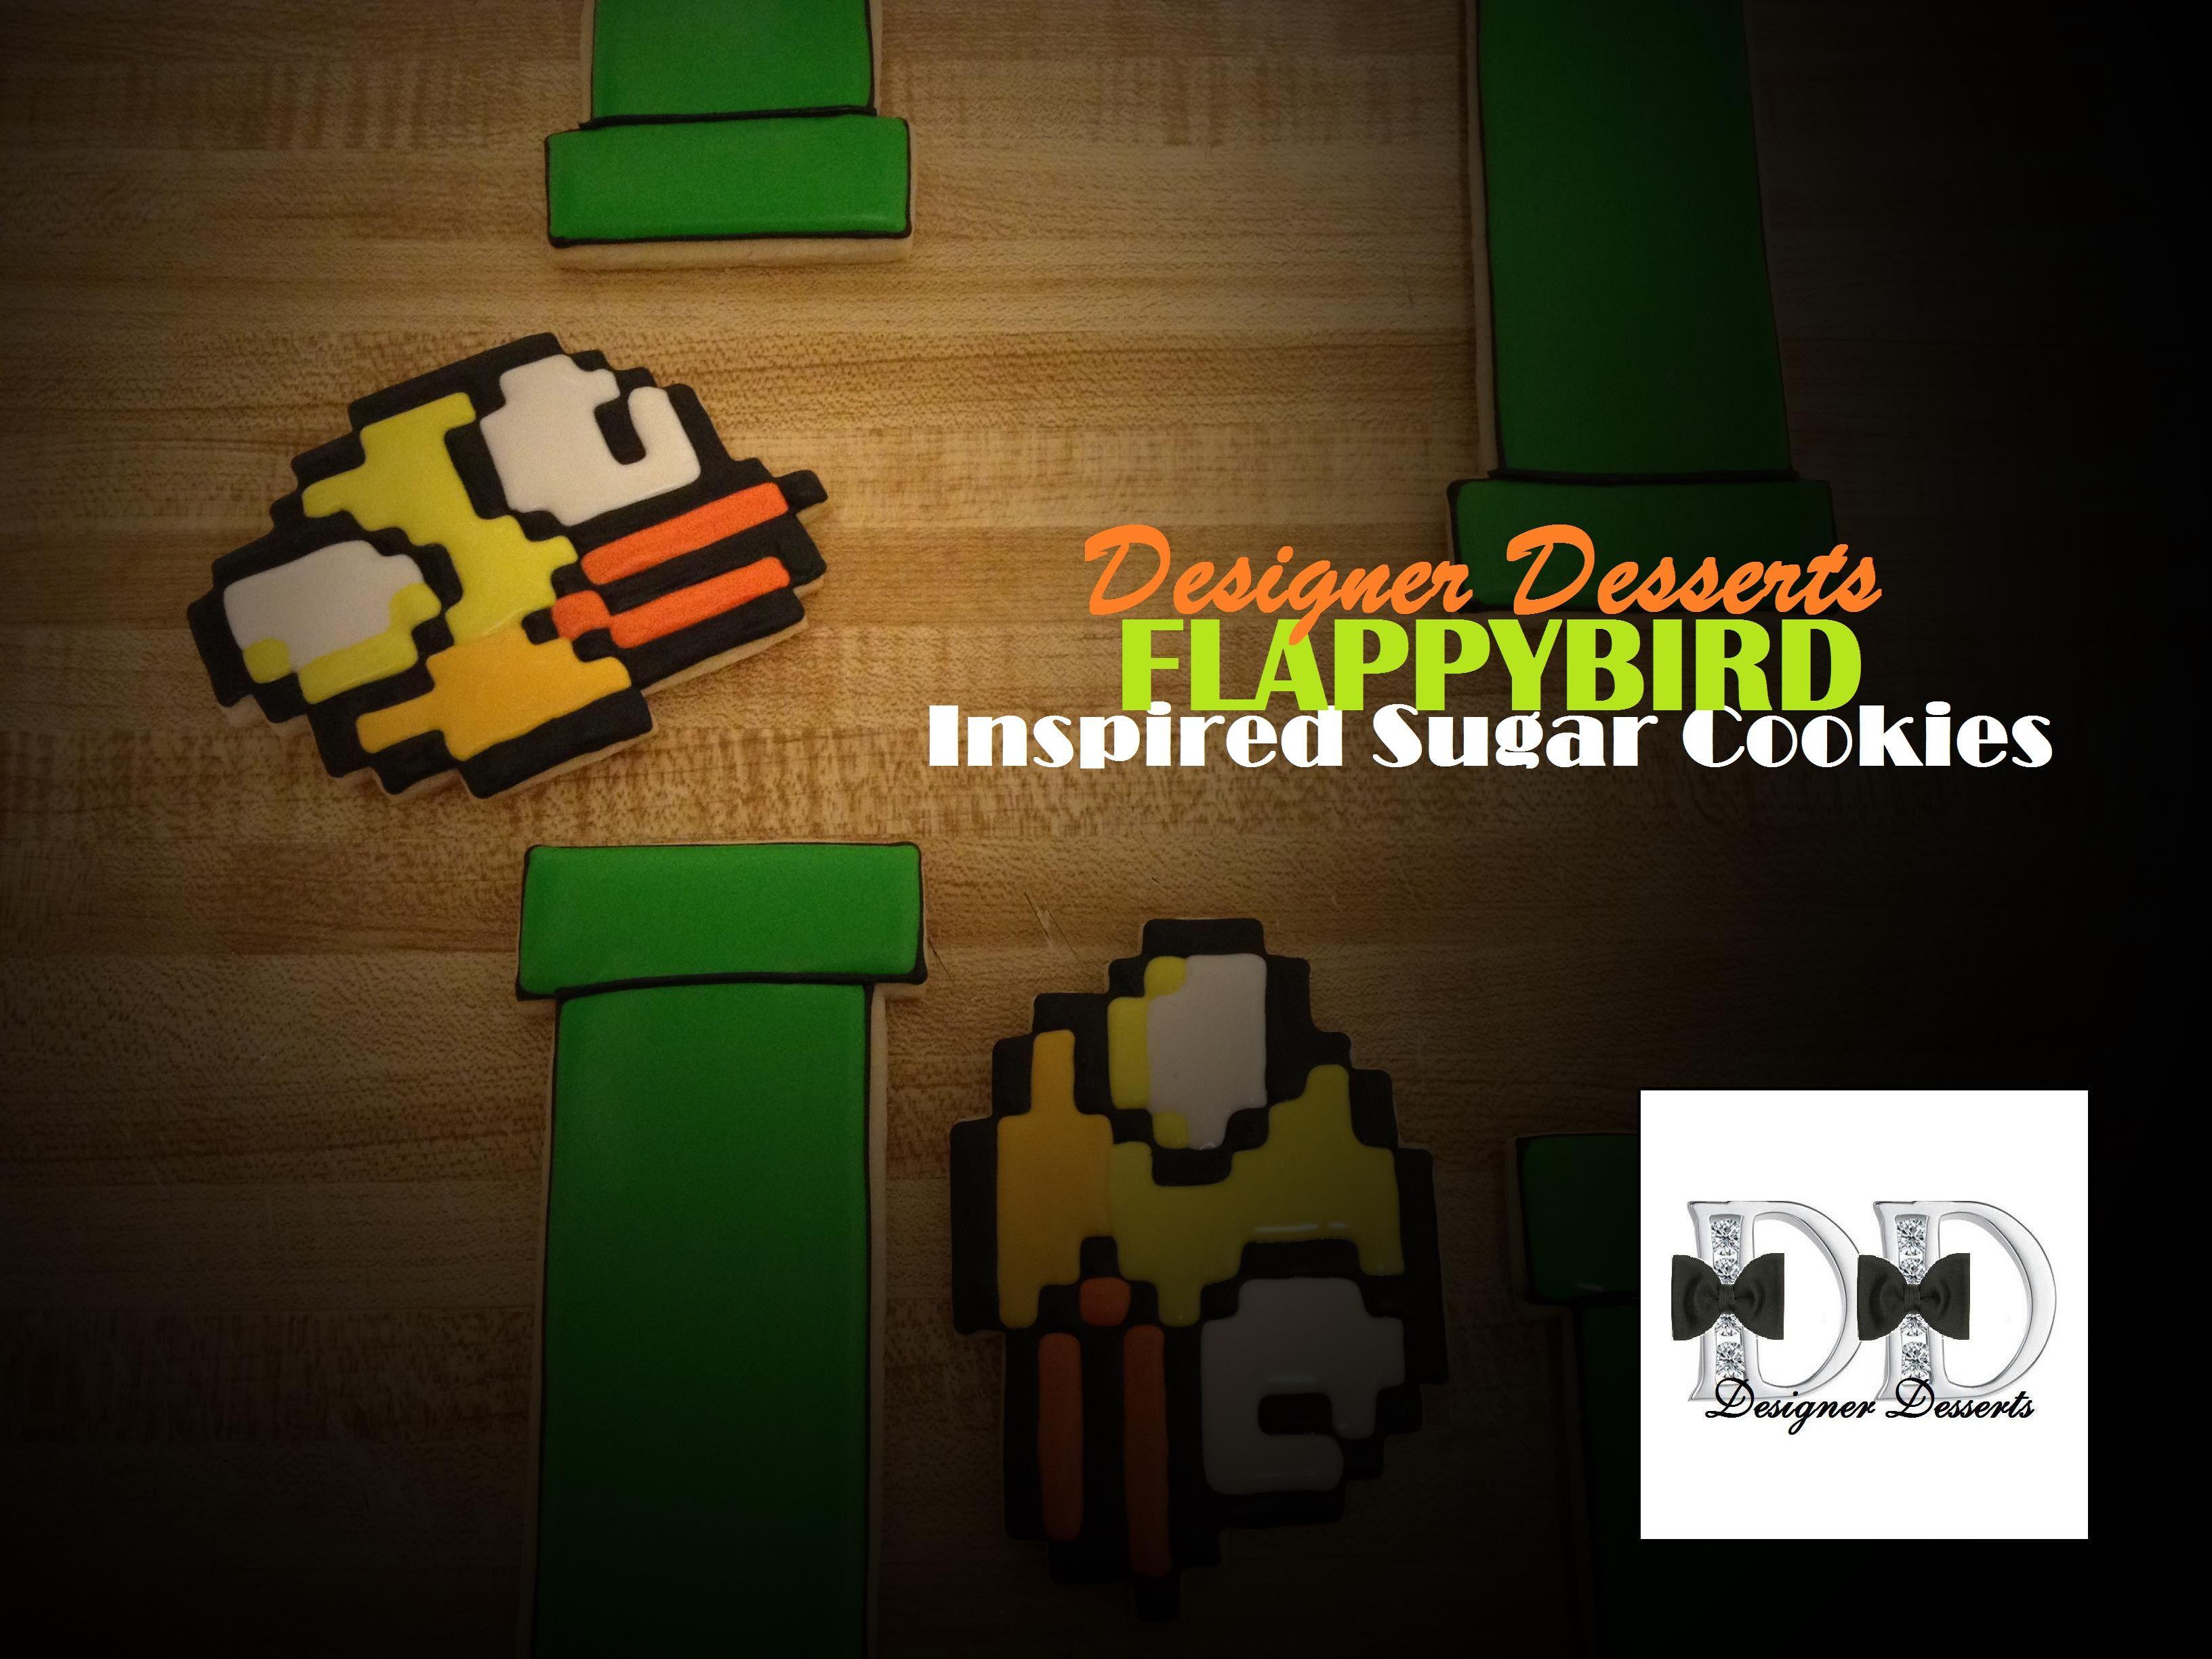 Flappy bird inspired sugar cookies by designer desserts